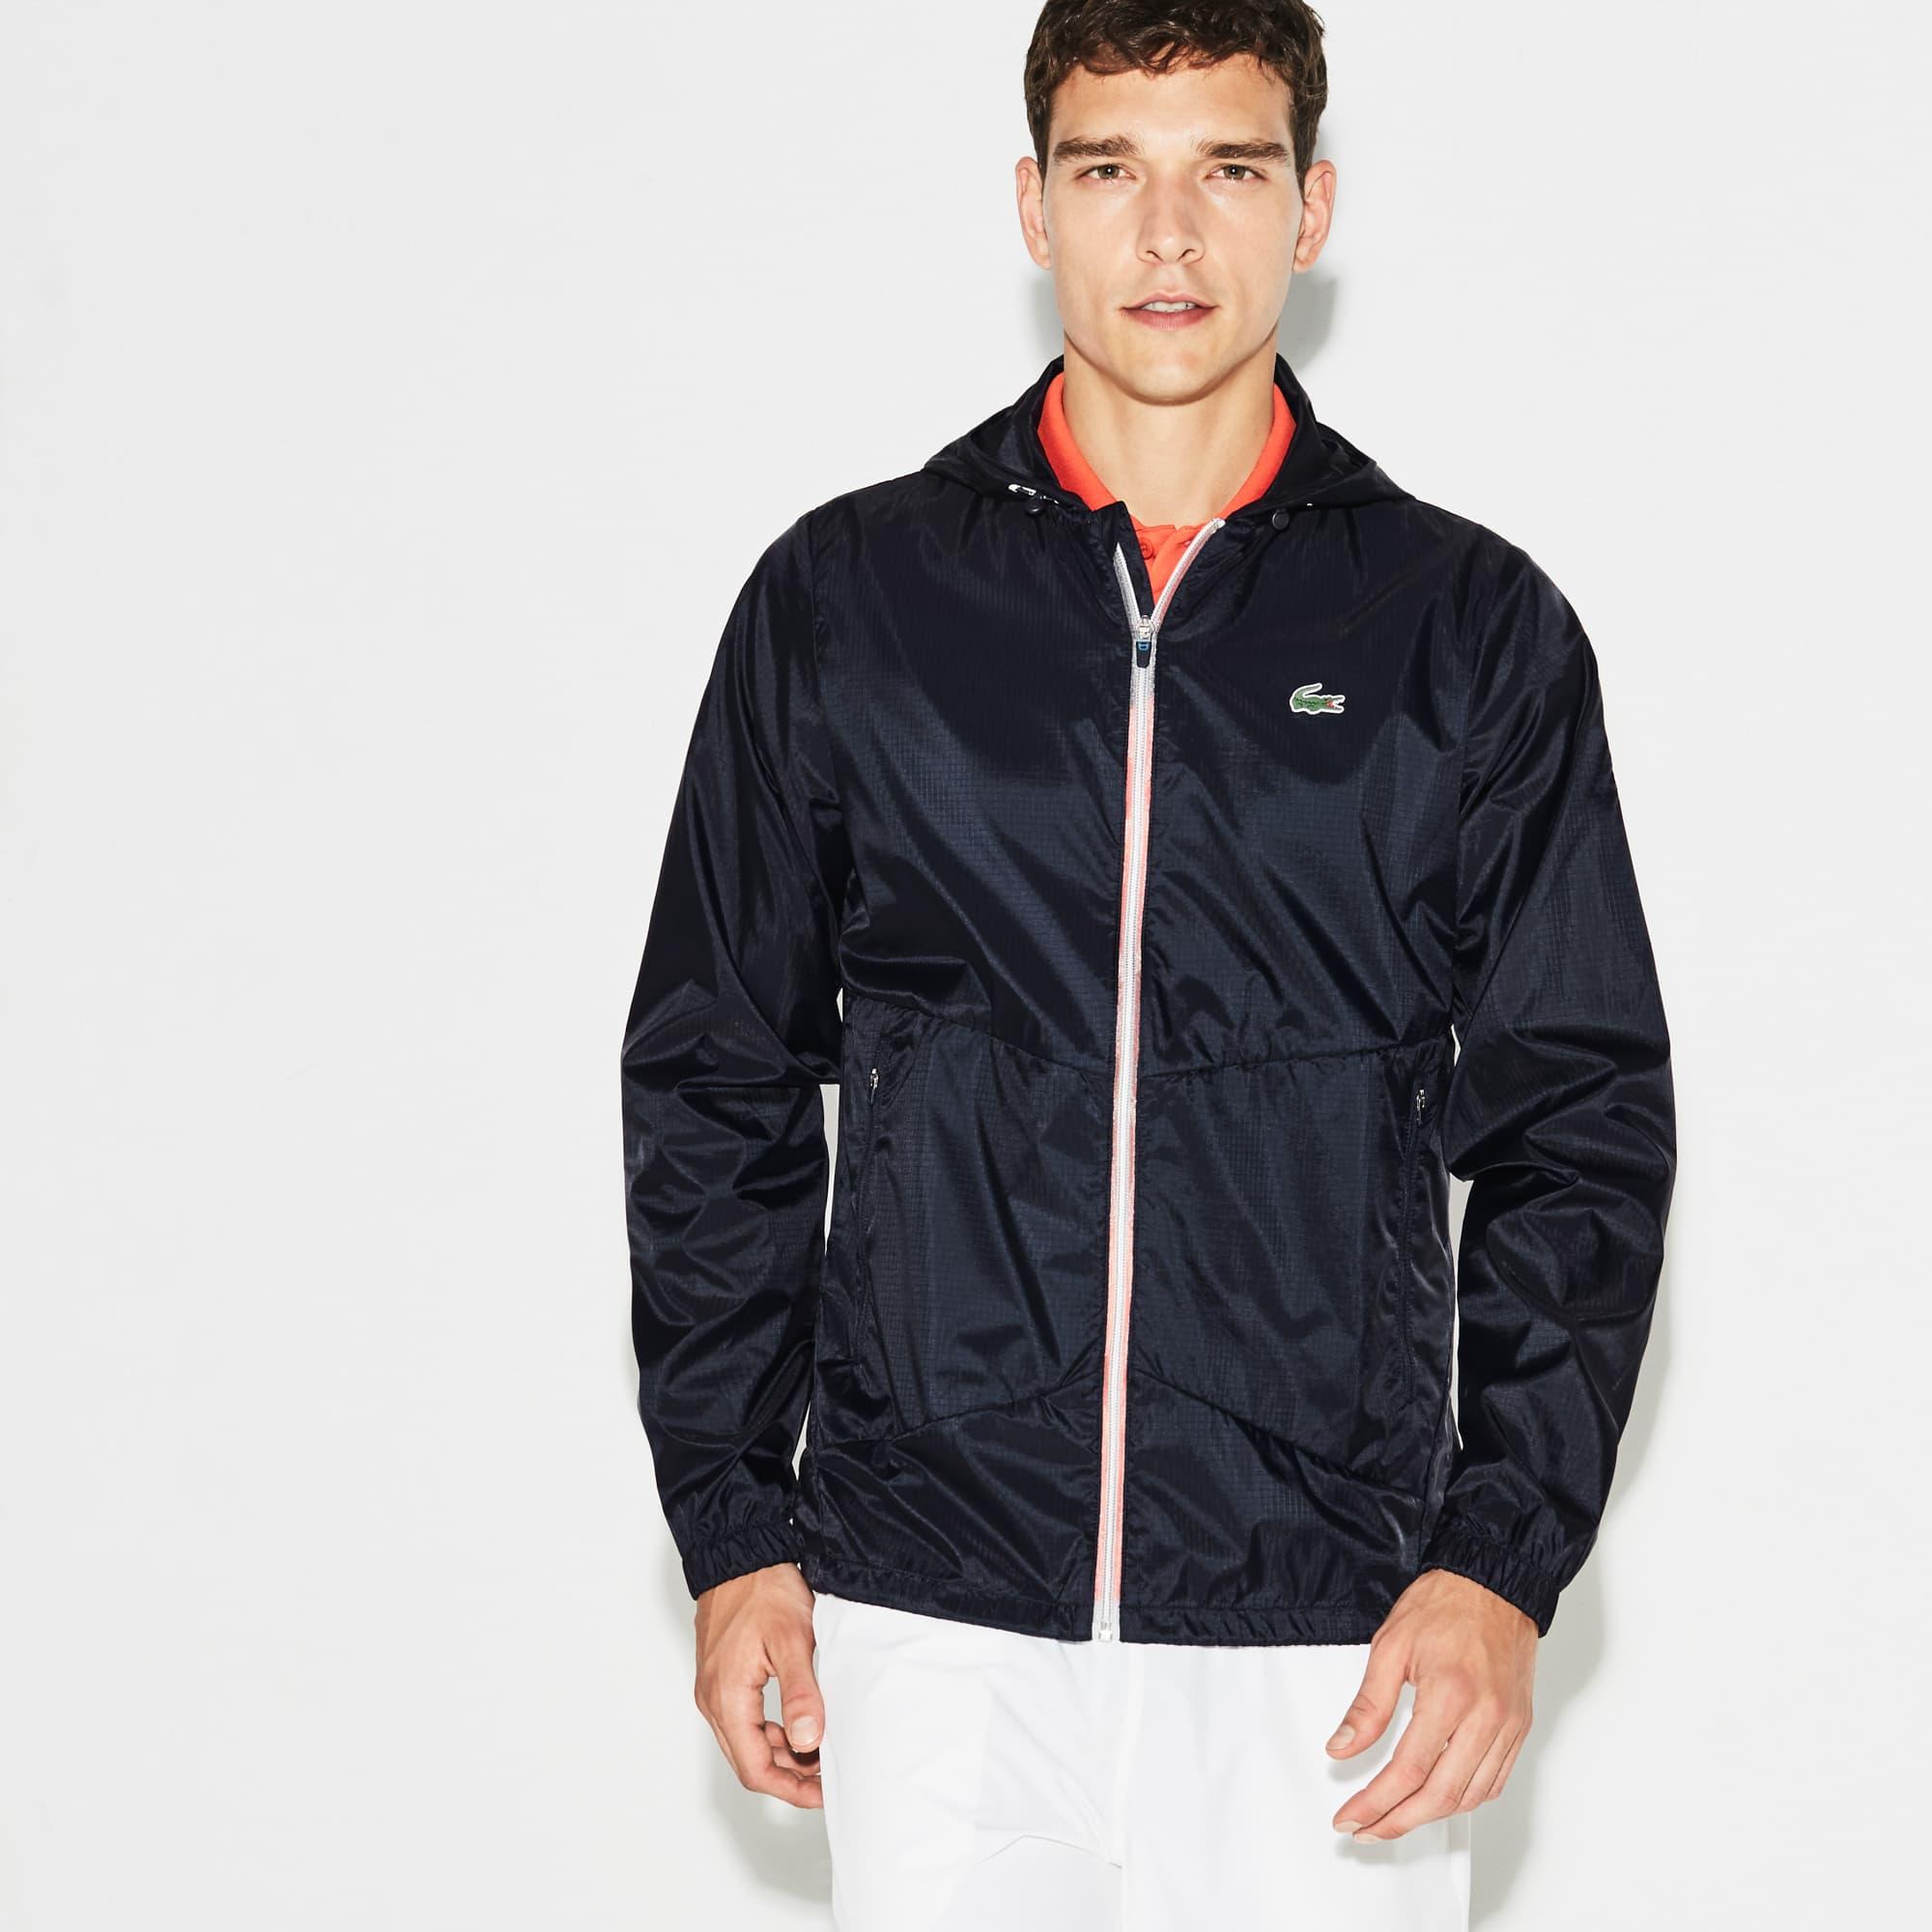 coats jackets for men men 39 s fashion lacoste. Black Bedroom Furniture Sets. Home Design Ideas